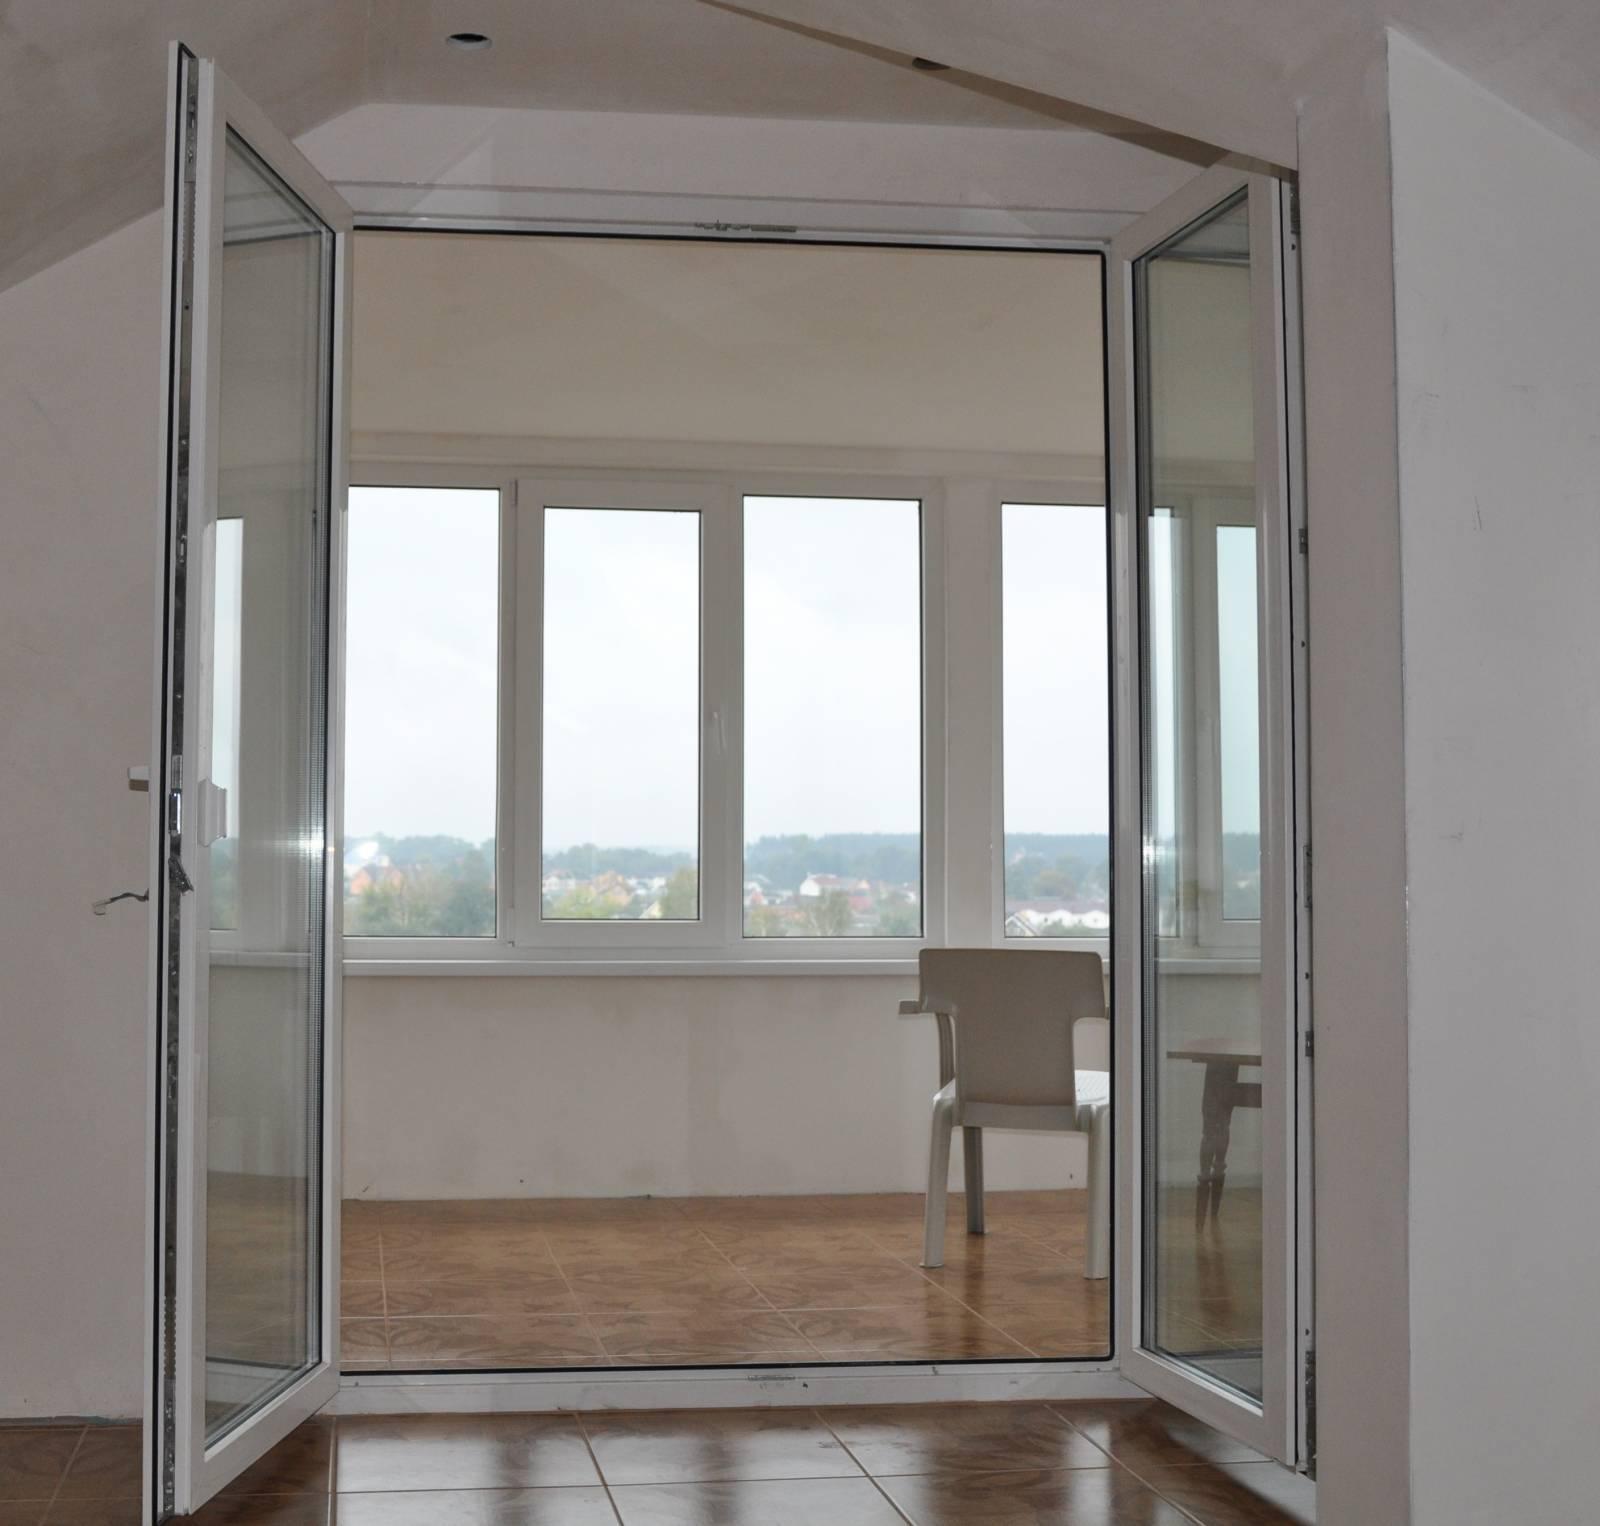 Двери на балкон - фото новинки и лучшие идеи оформления вход.